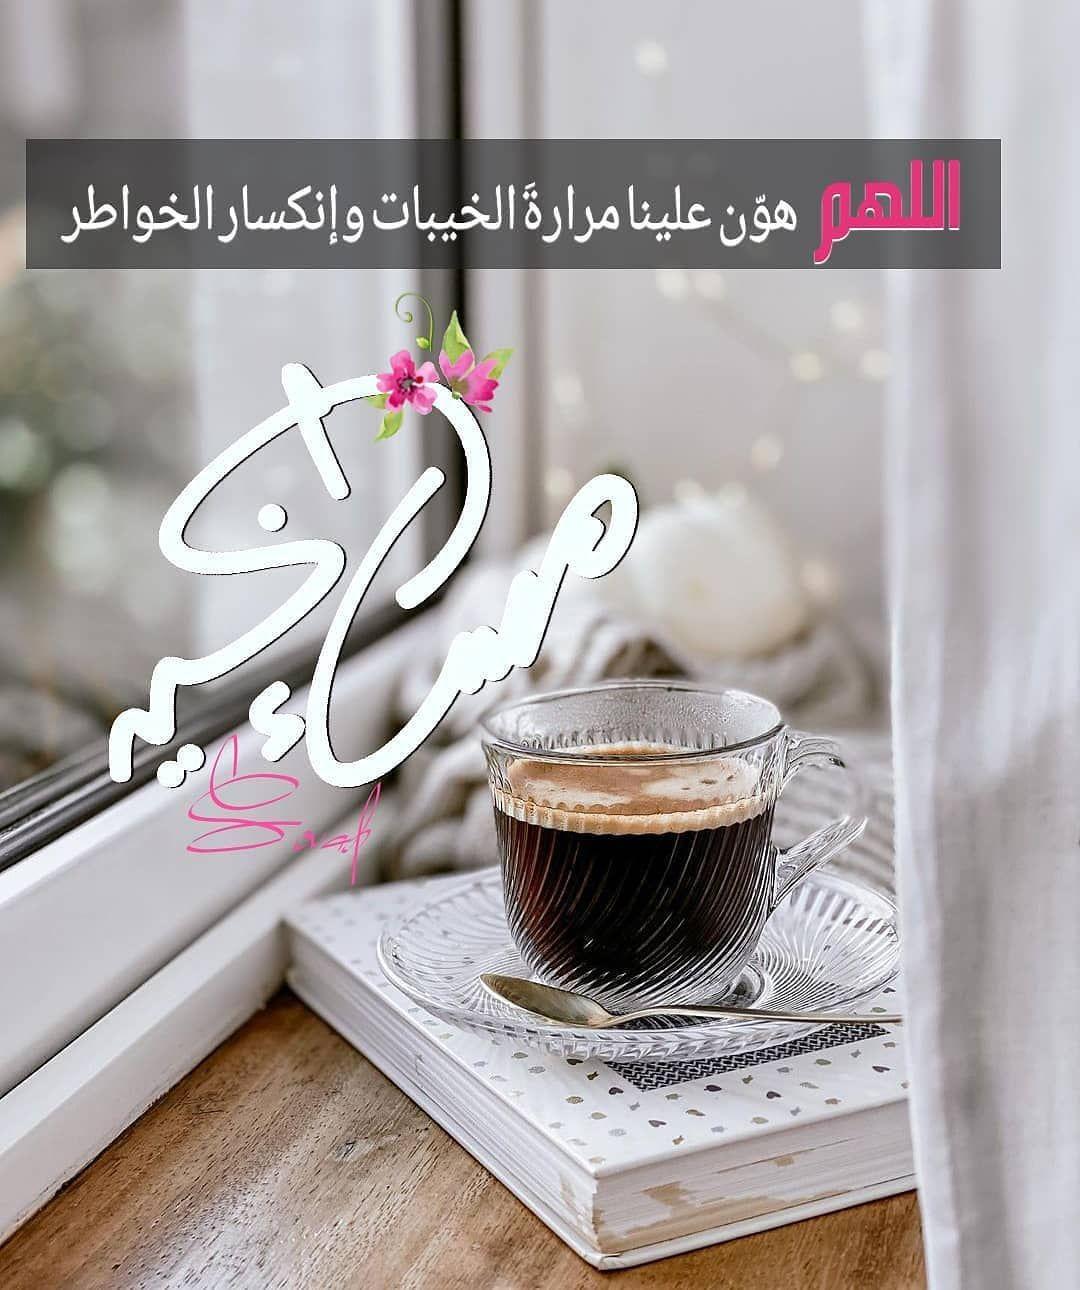 صبح و مساء On Instagram مساء الخير مساء الورد تصميم تصاميم السعودية صبح ومساء Good Morning Roses Place Card Holders Morning Rose